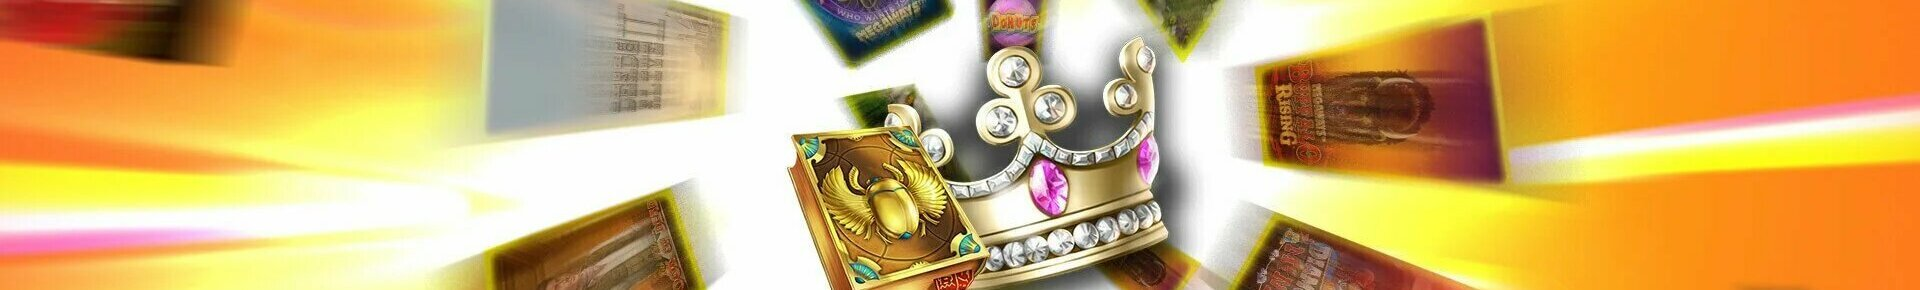 Casilando casino review CA